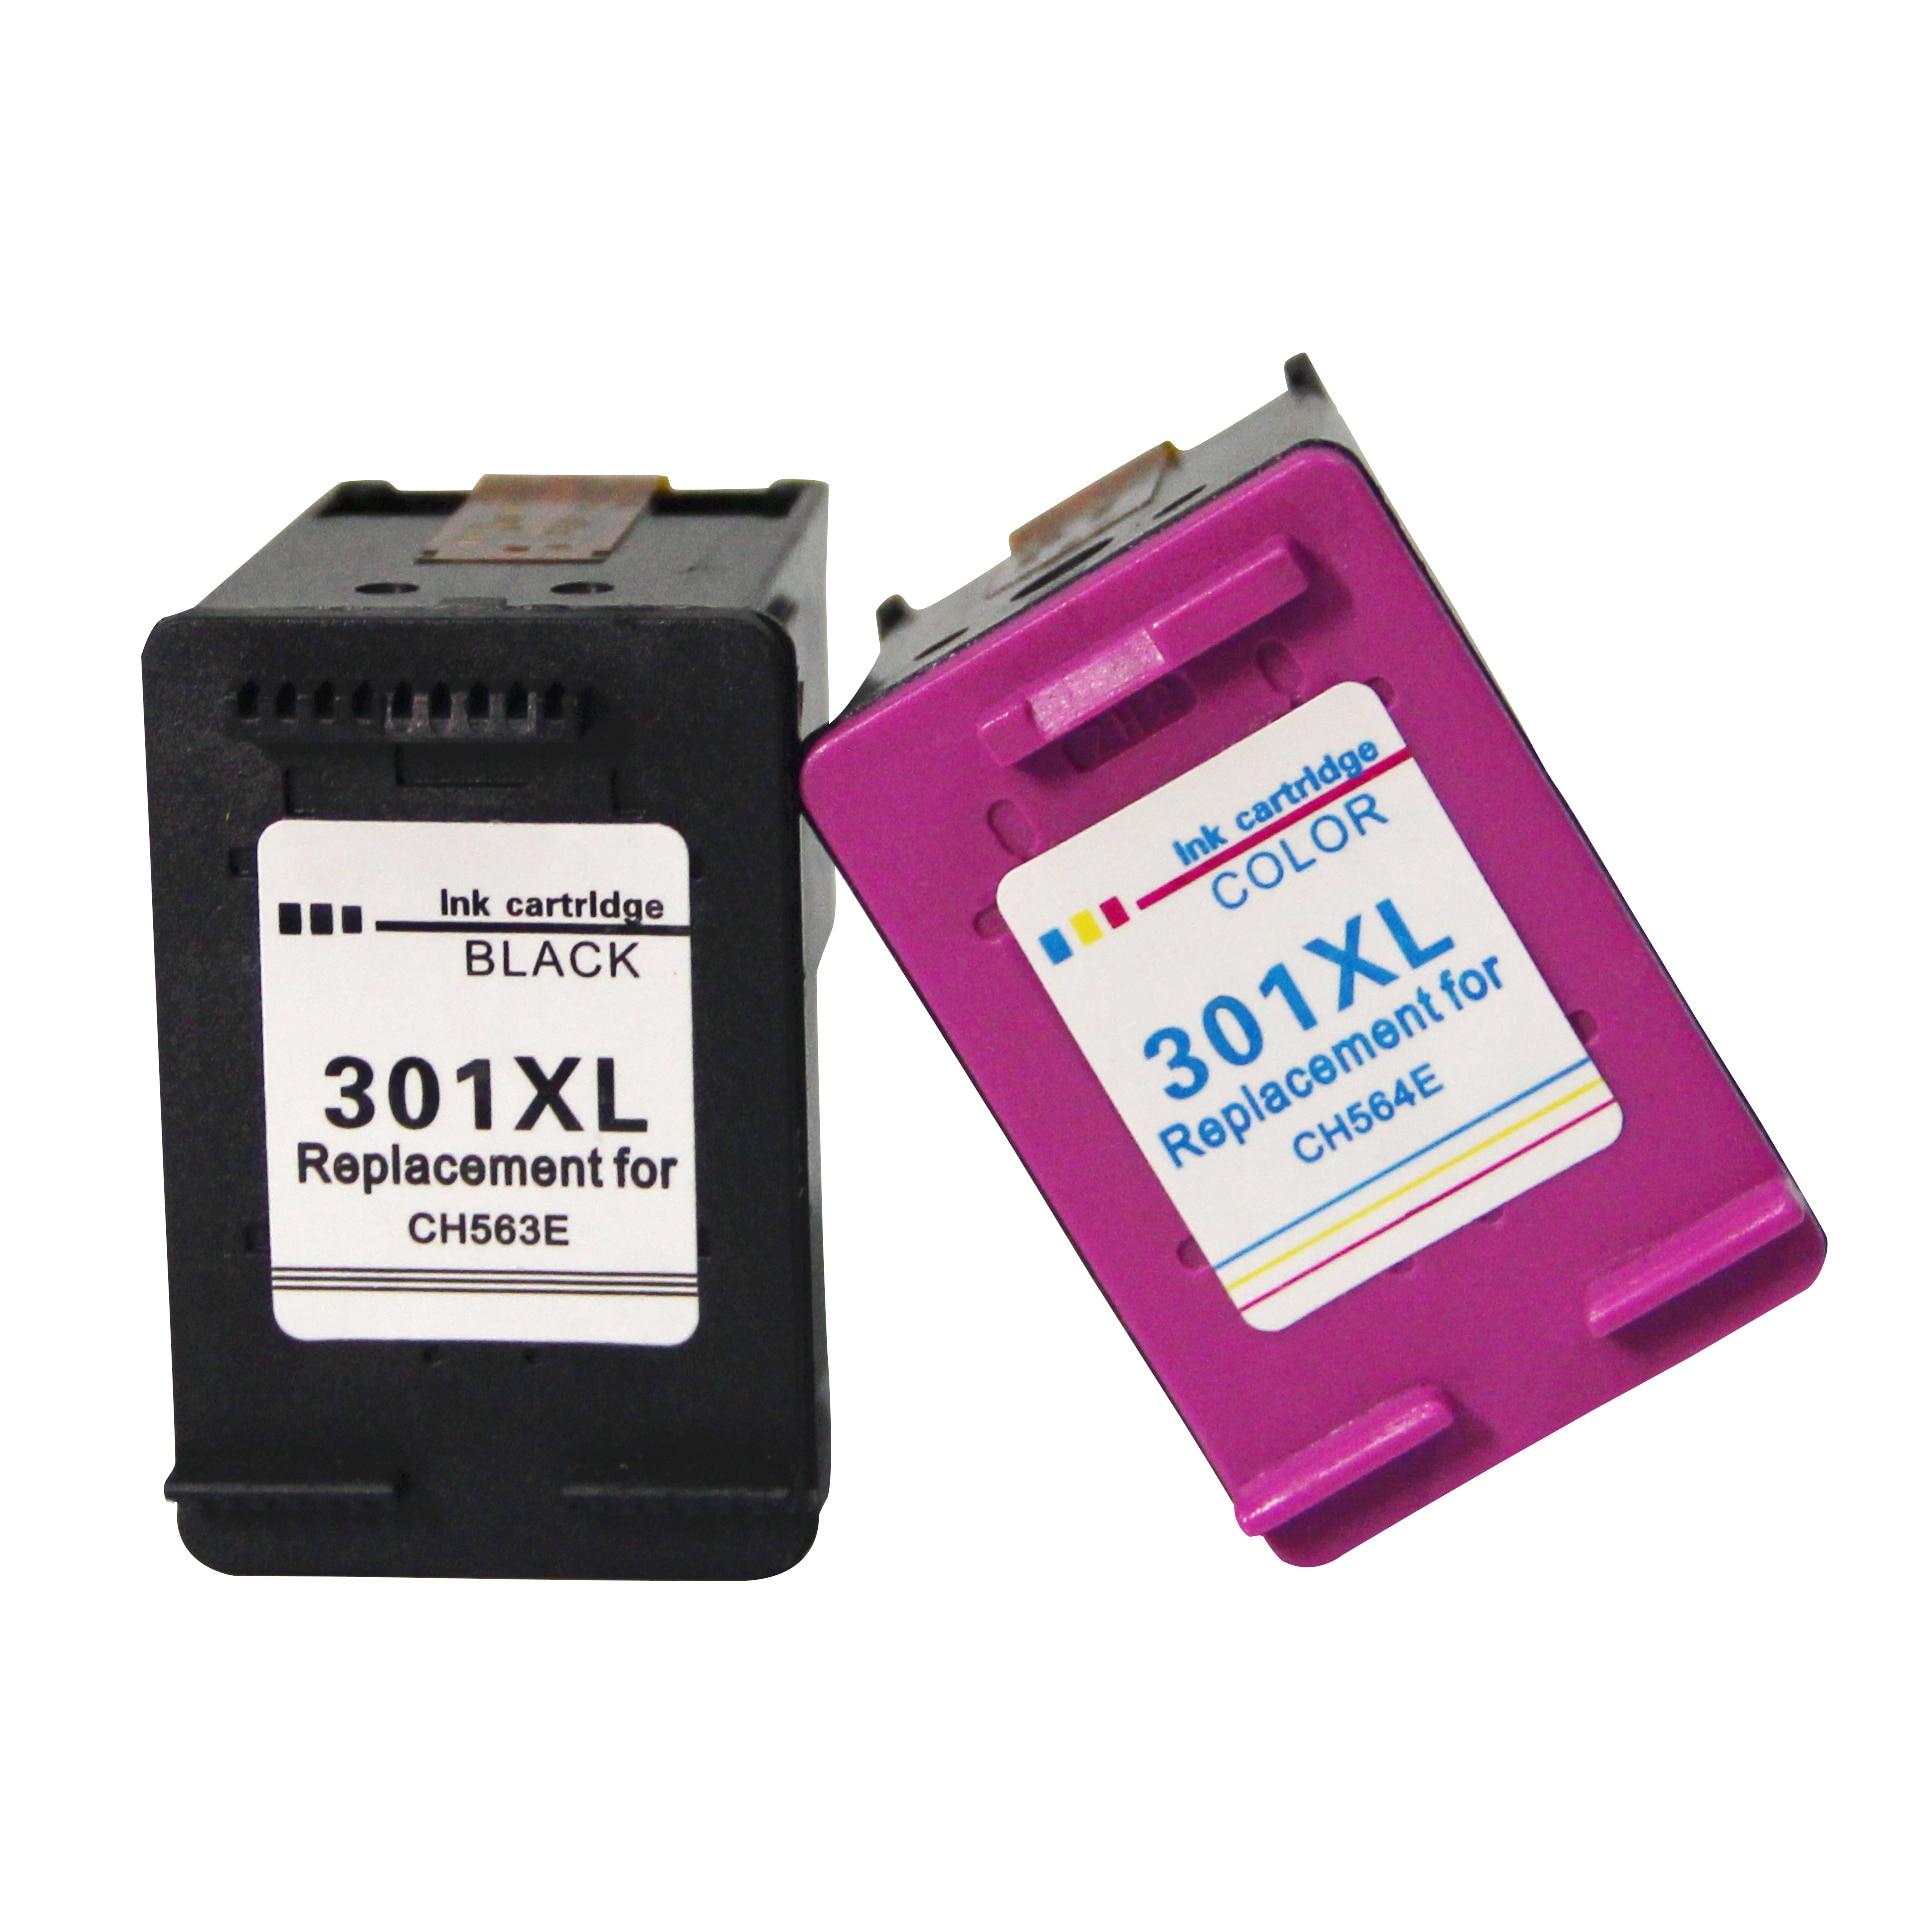 호환 잉크 카트리지 301XL HP 301 작동 HP Deskjet 1000 1050 2000 2050 2050 2510 3510 3050 3050a 프린터